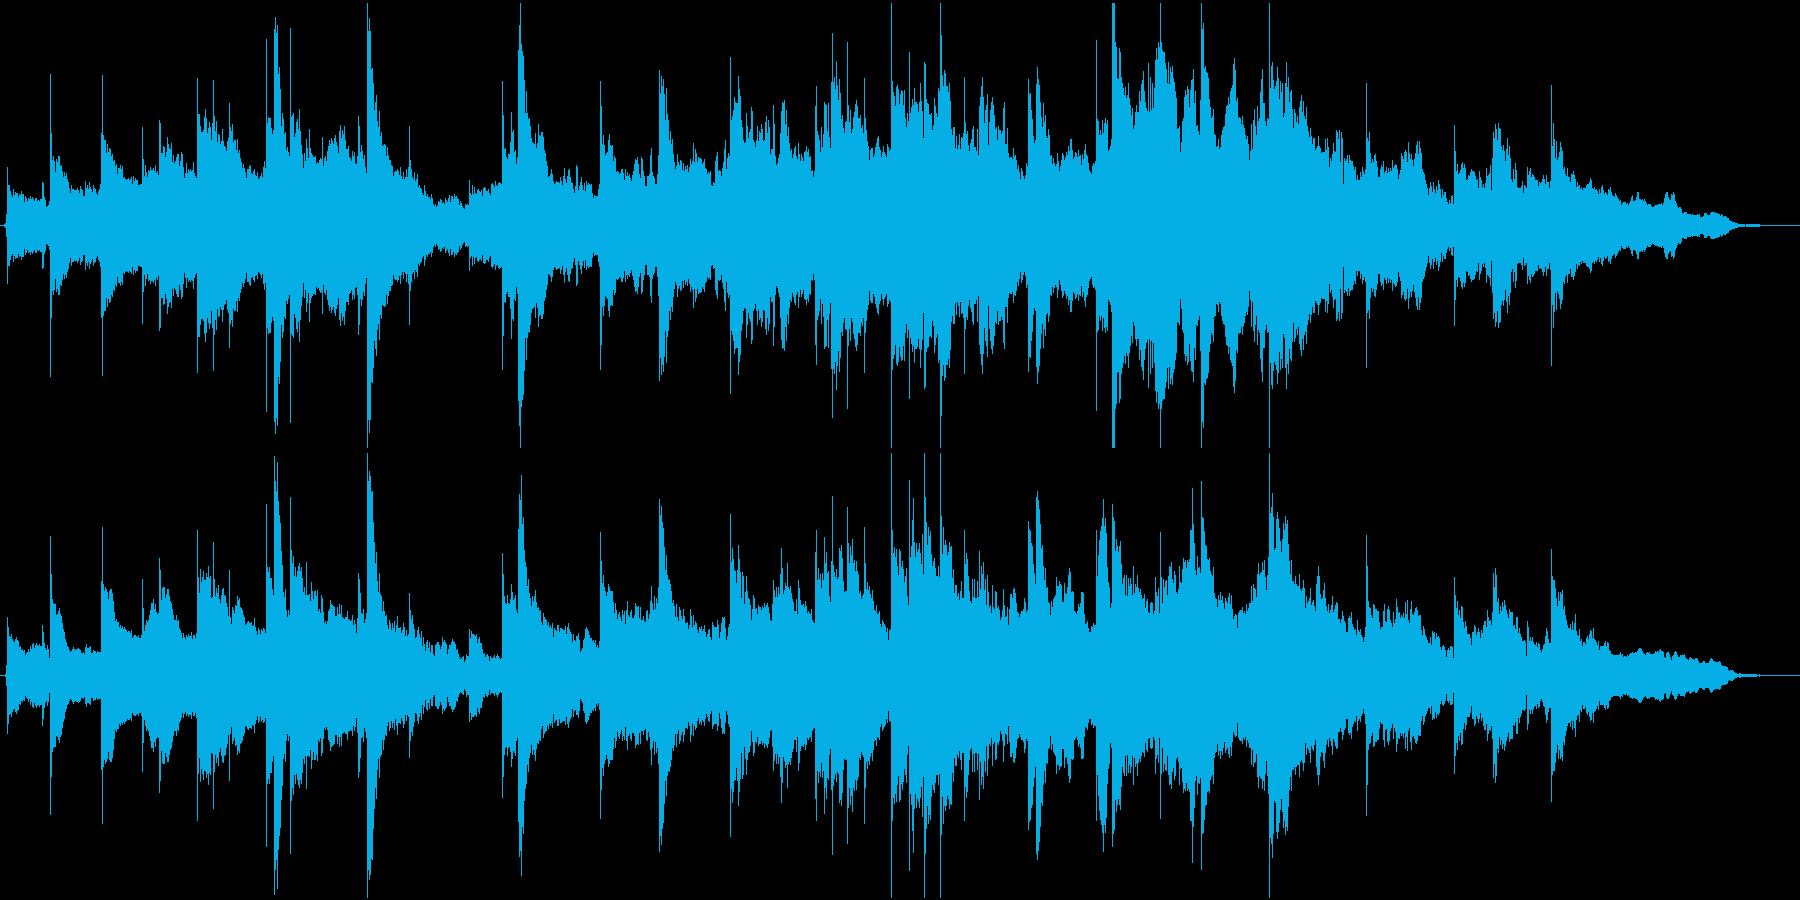 静かなインスト曲の再生済みの波形